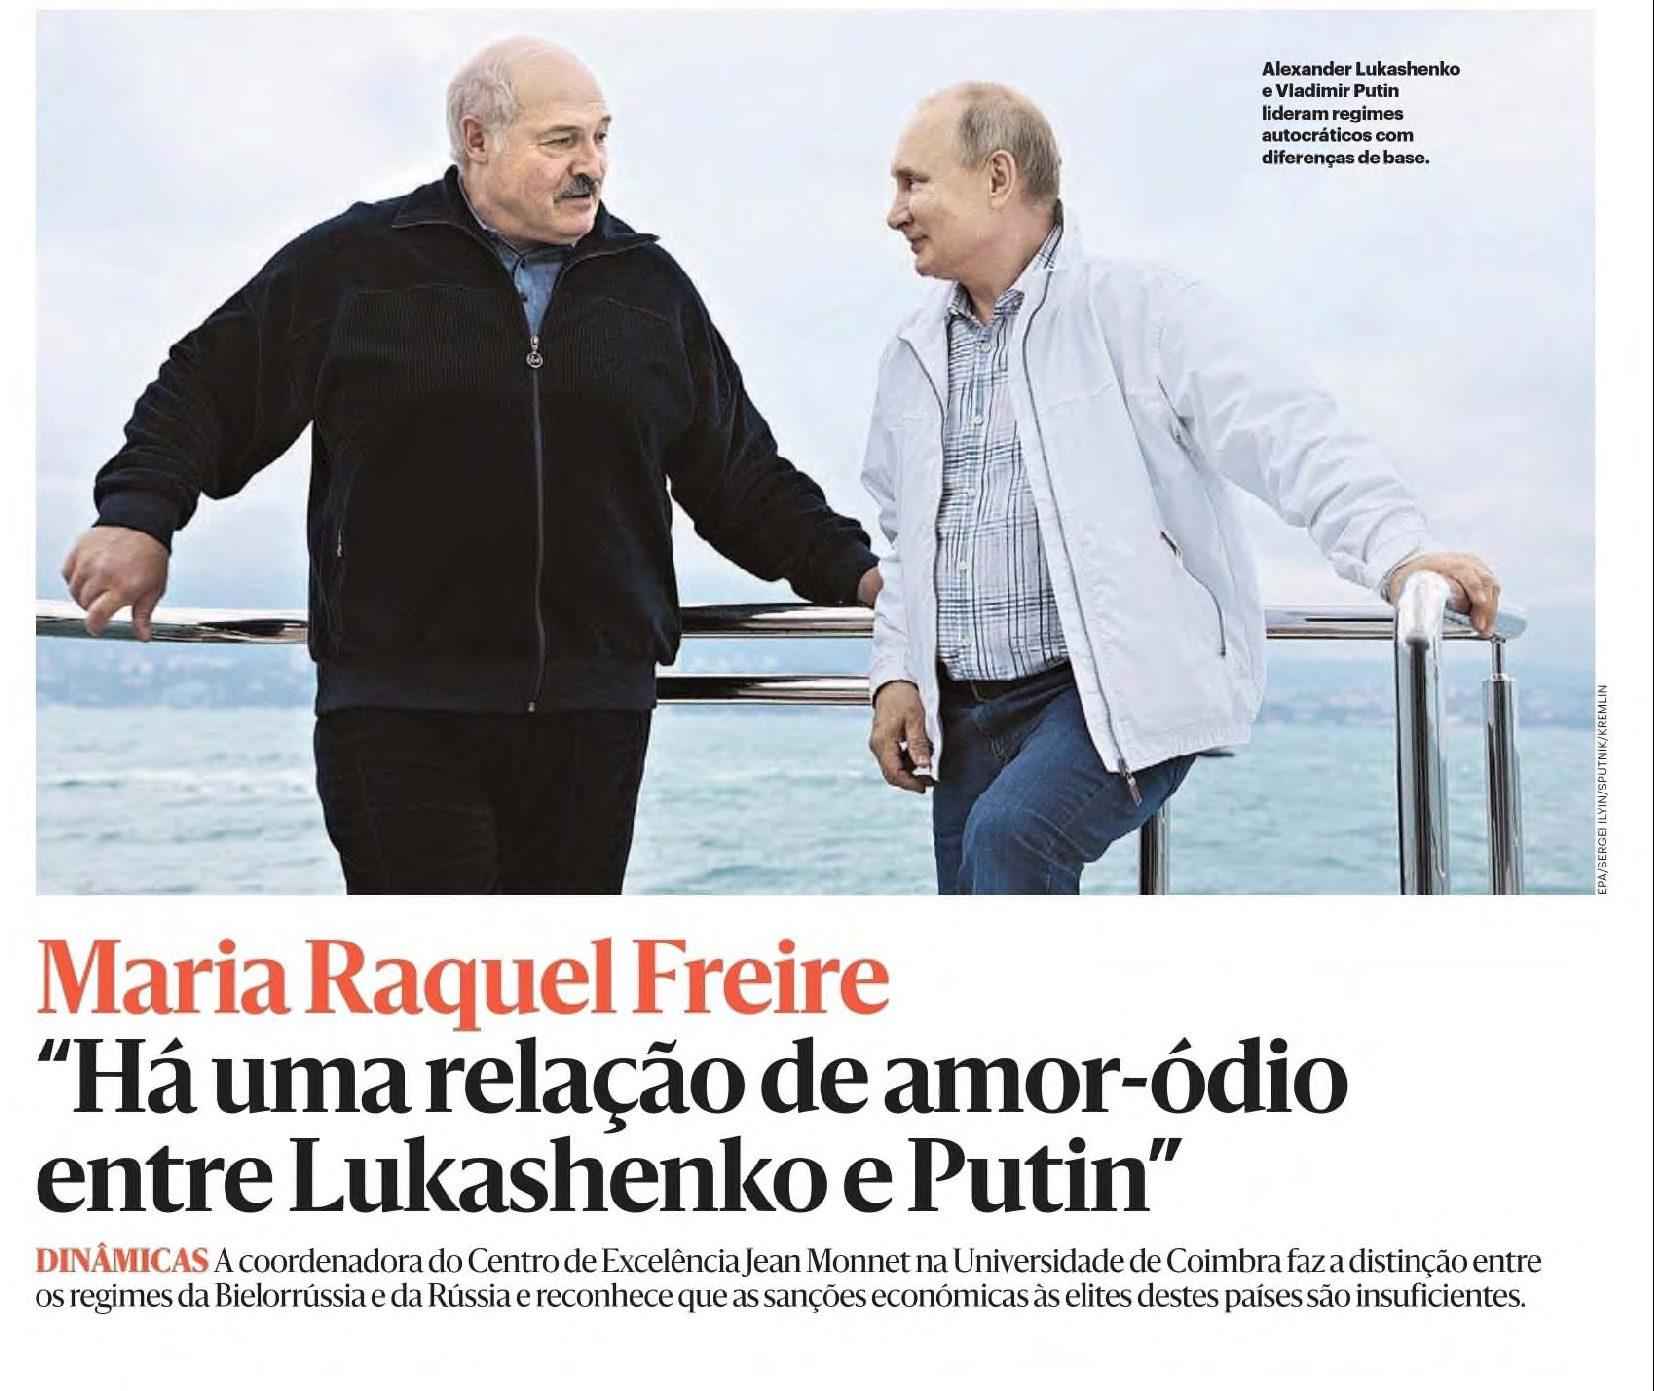 Entrevista Diário de Notícias